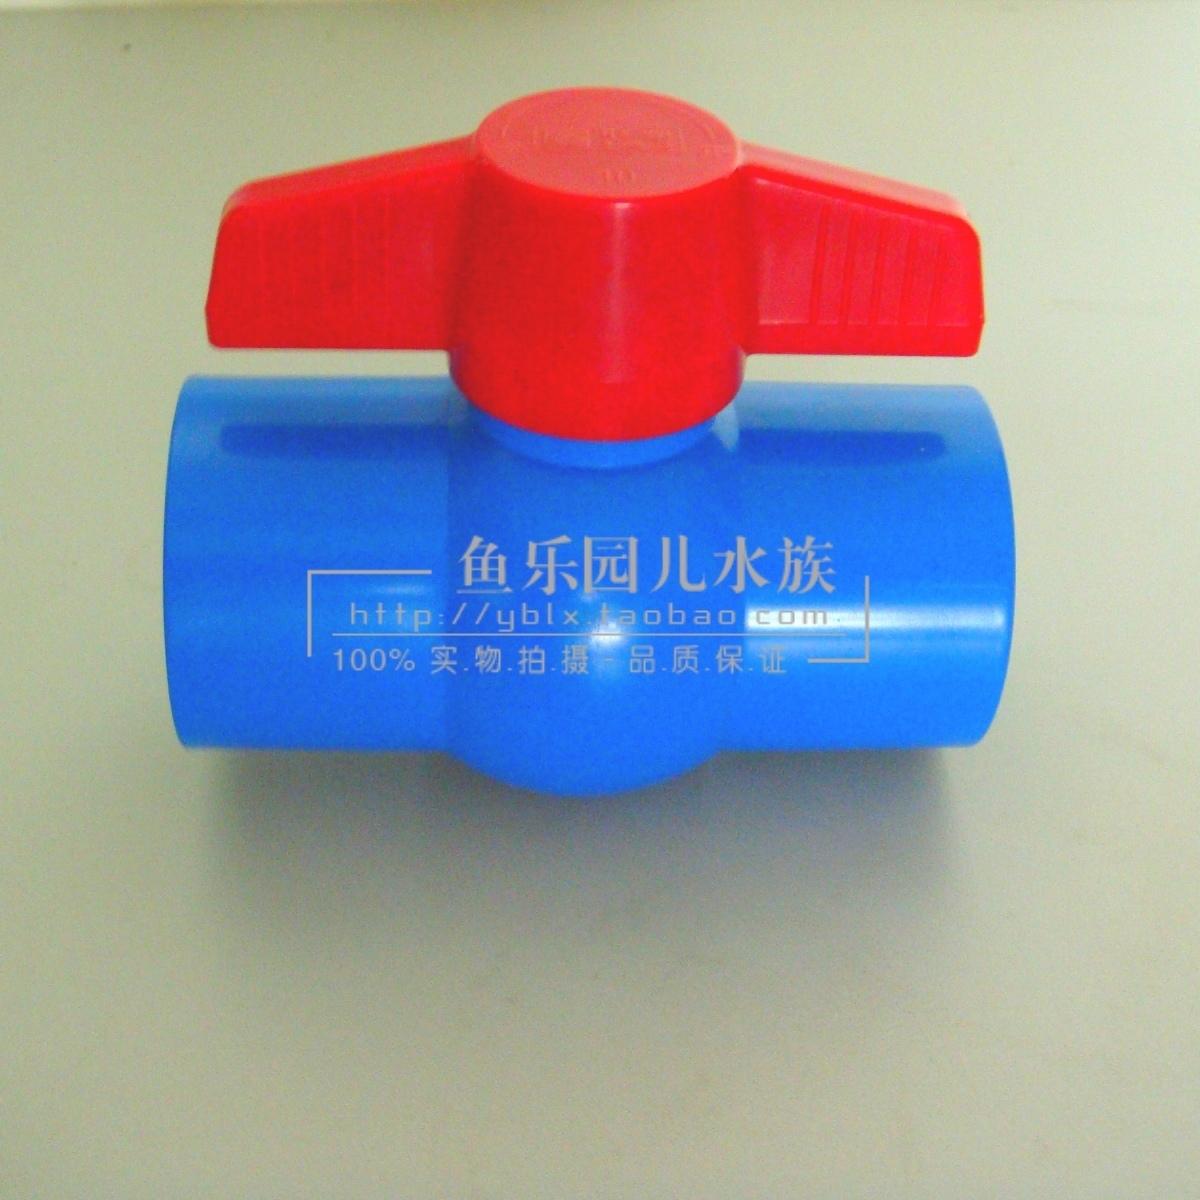 Аквариум Liansu  PVC-U 20mm